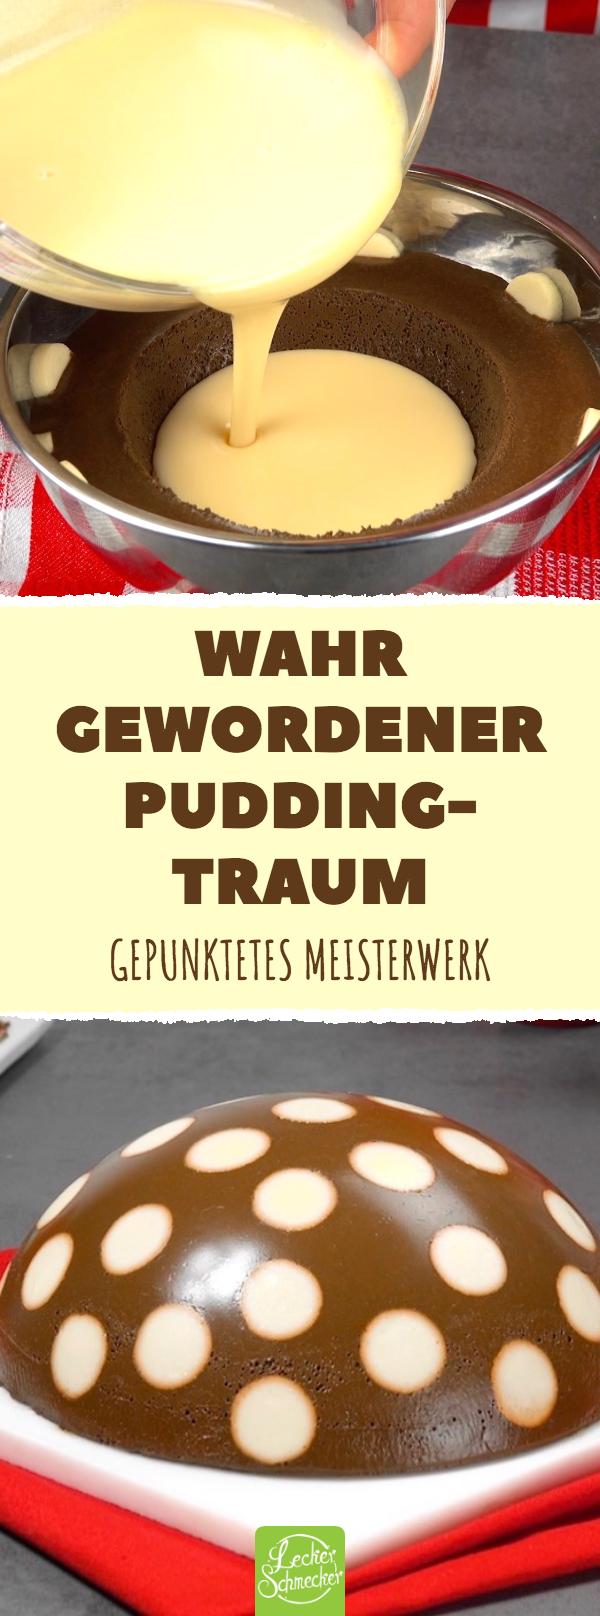 Wahr gewordener Pudding-Traum – Desserts – Nachtisch – Nachspeise